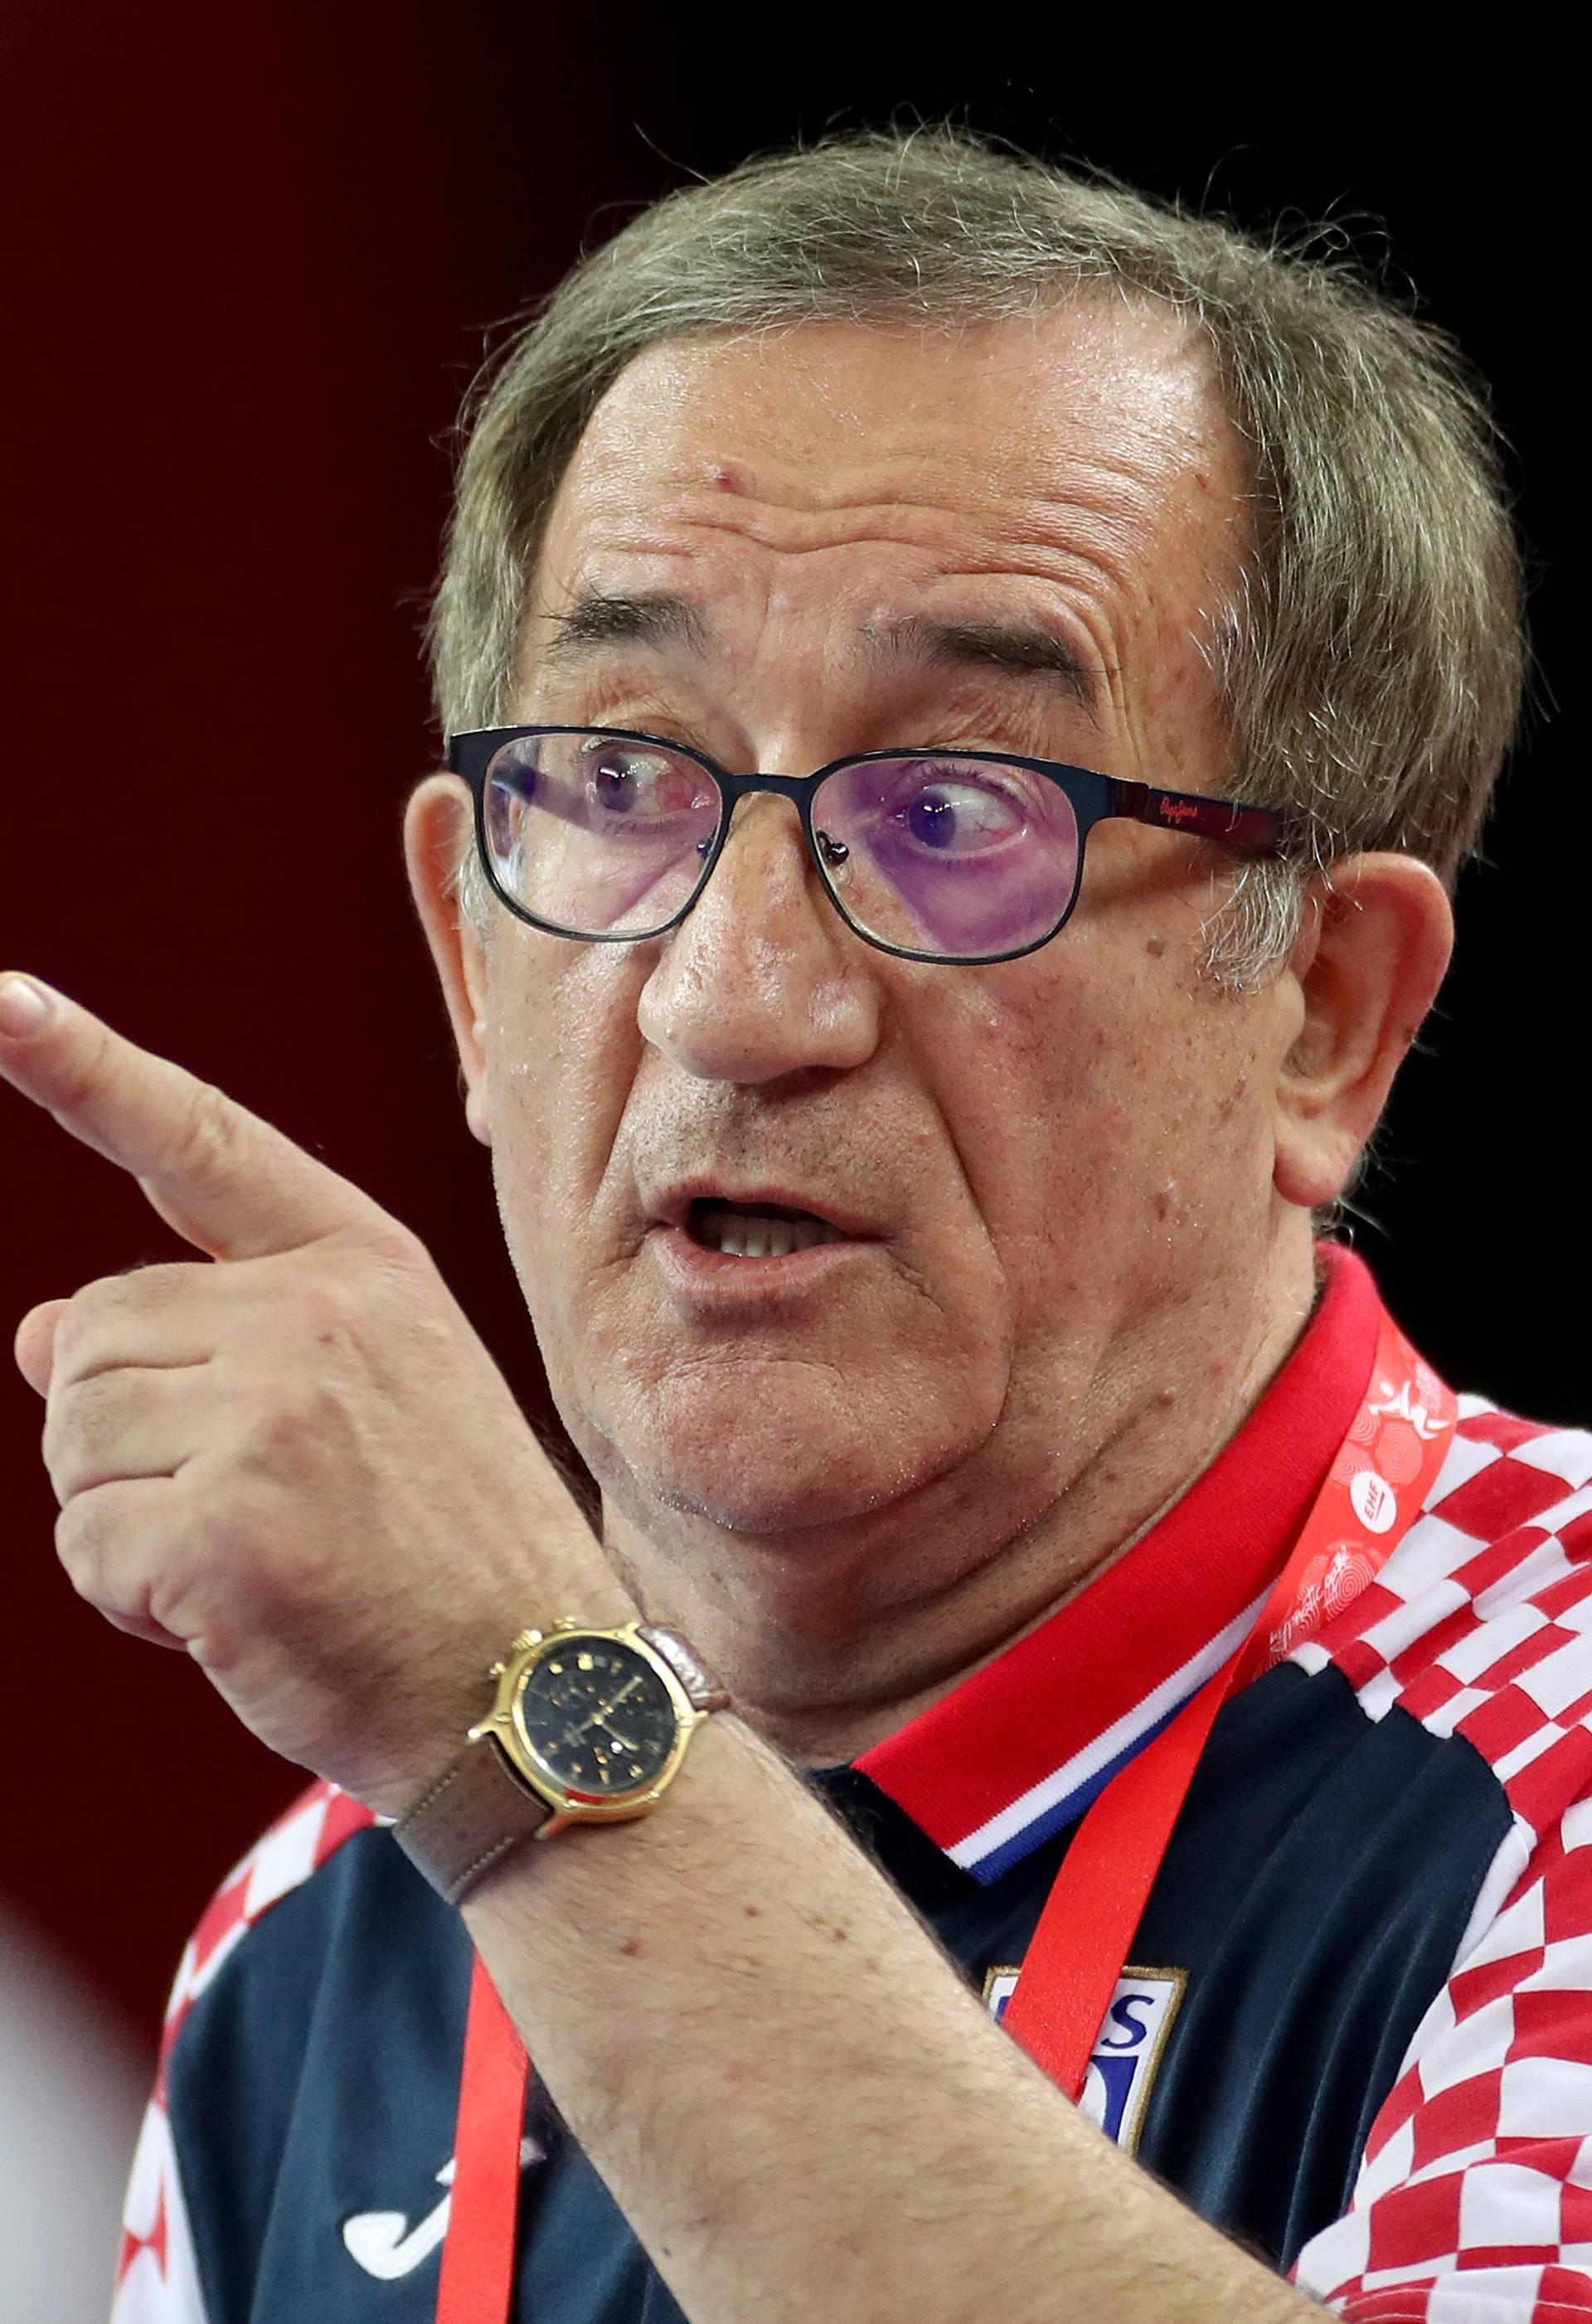 Bravo, Kauboji! Lino nam donio prvo zlato nakon 14 godina...